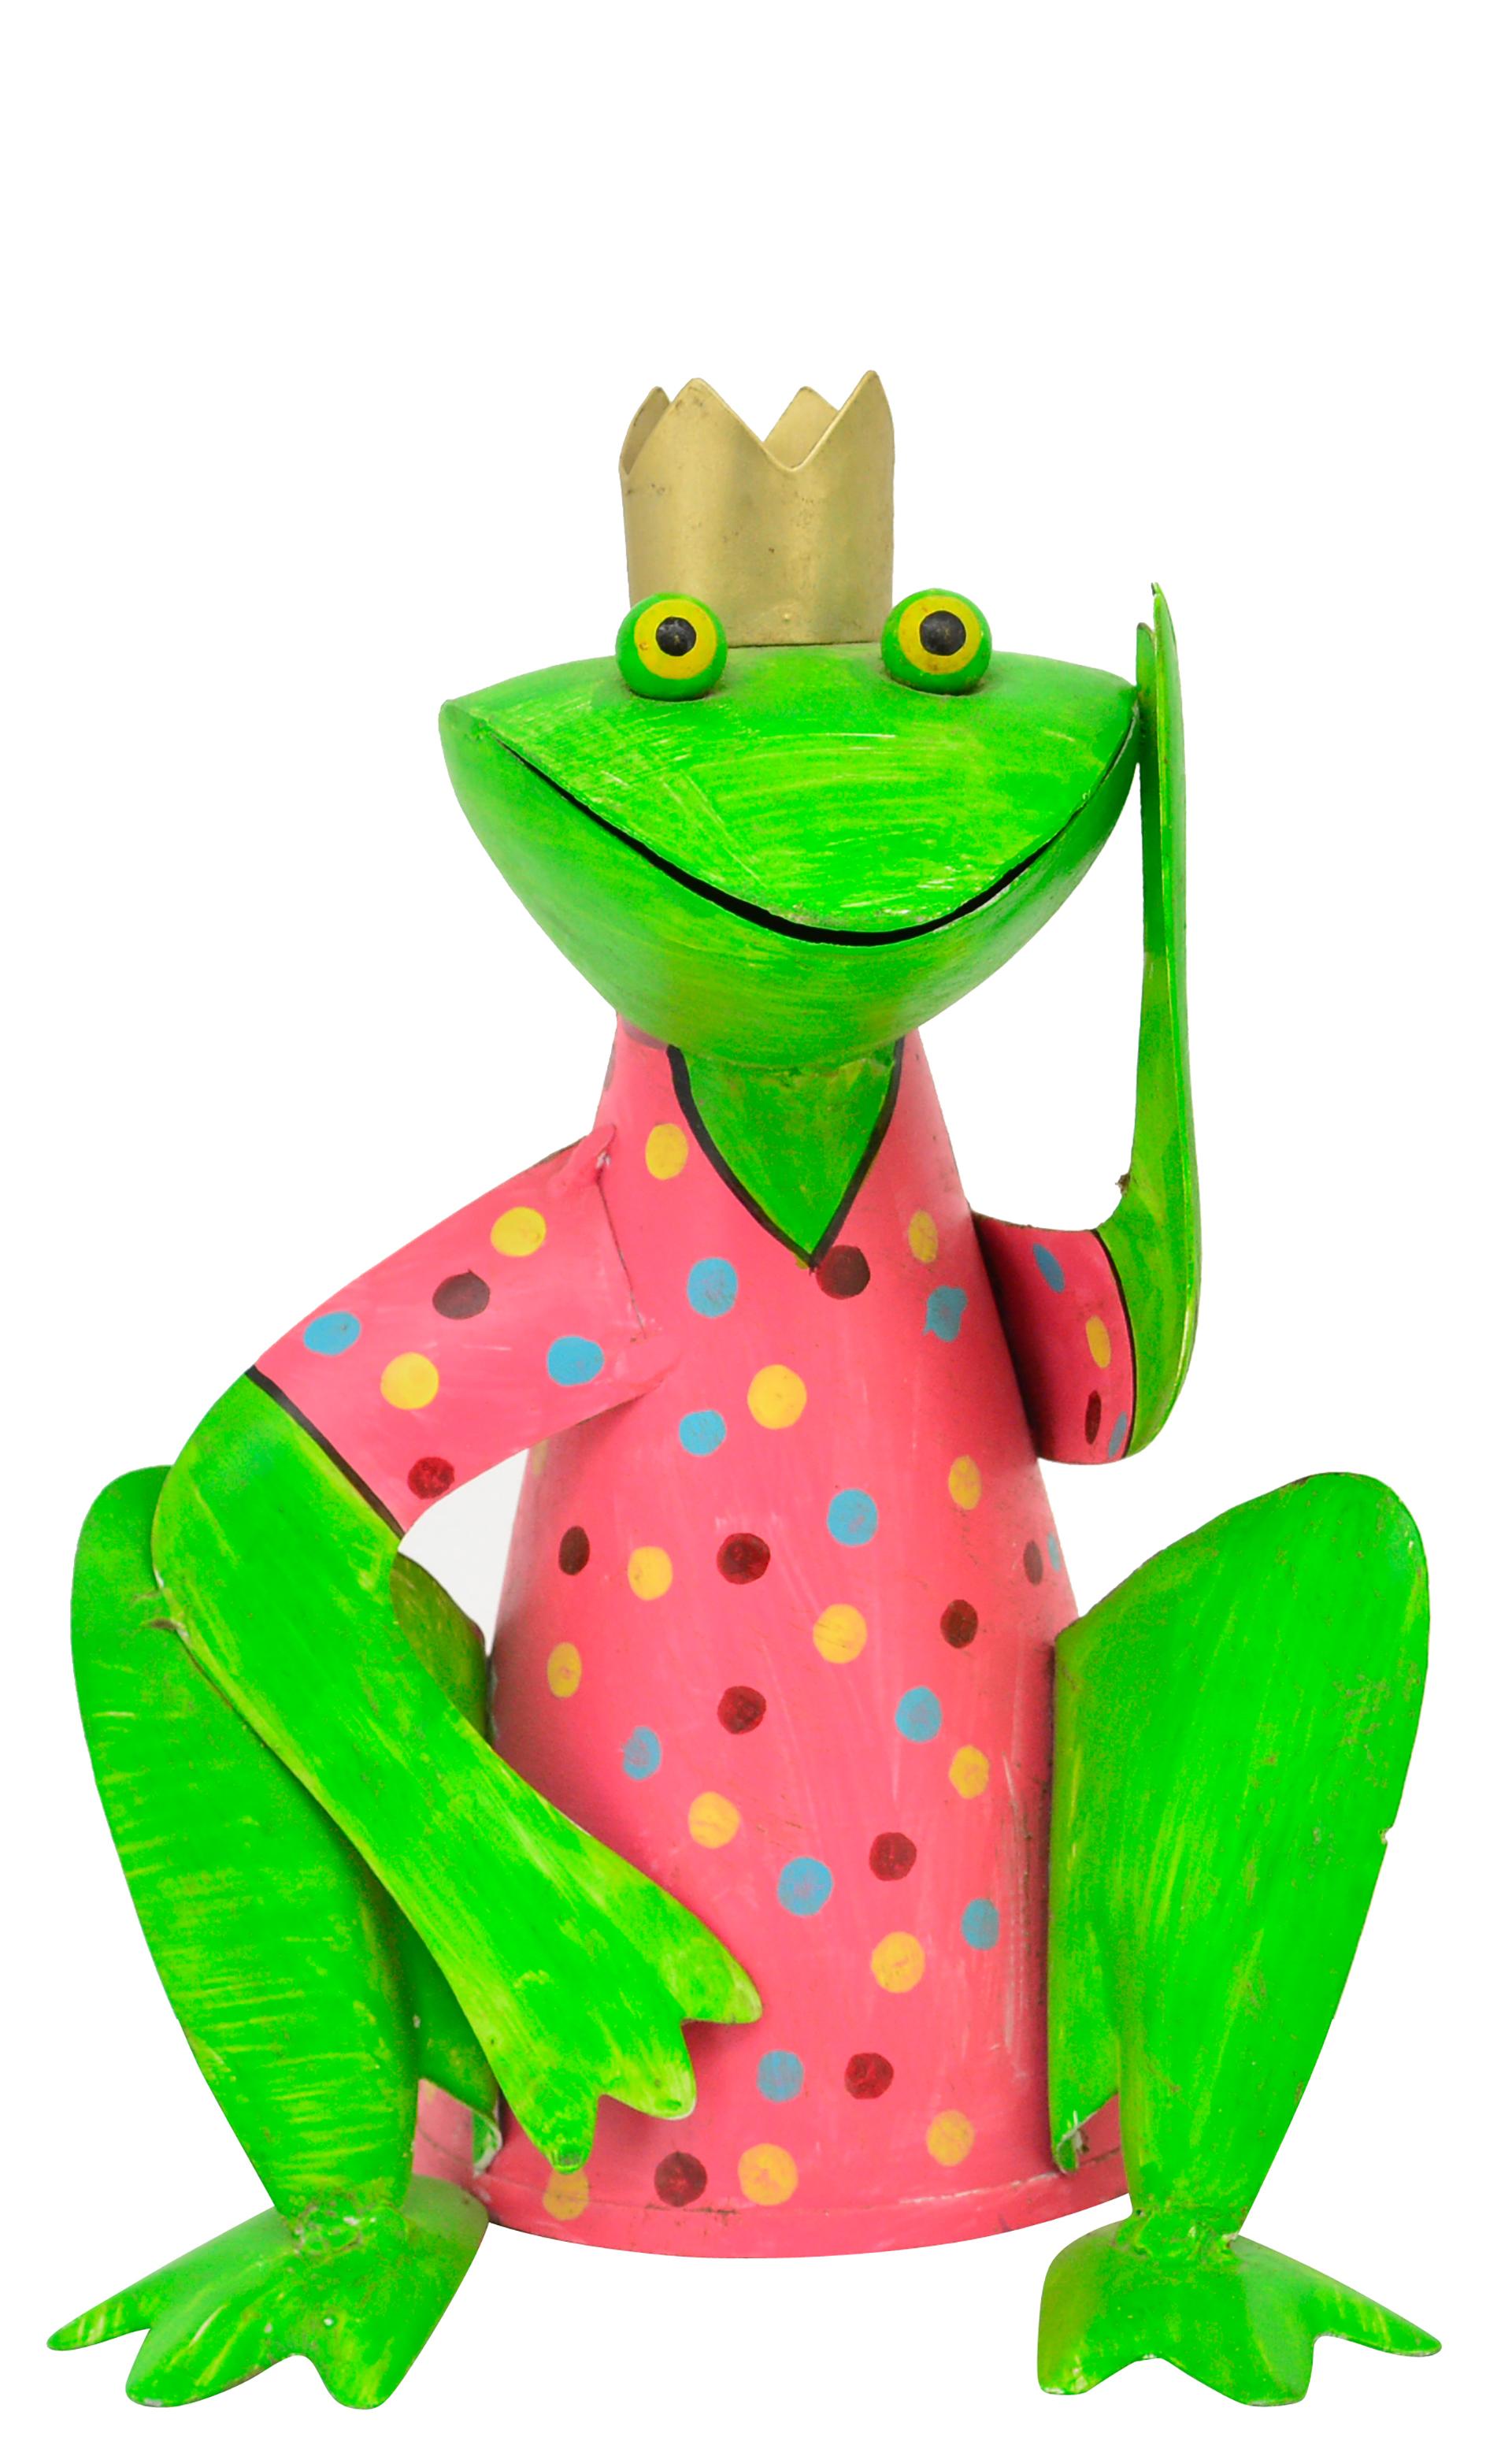 Zaunhocker Frosch hockend mit Krone, rosa mit Punkten